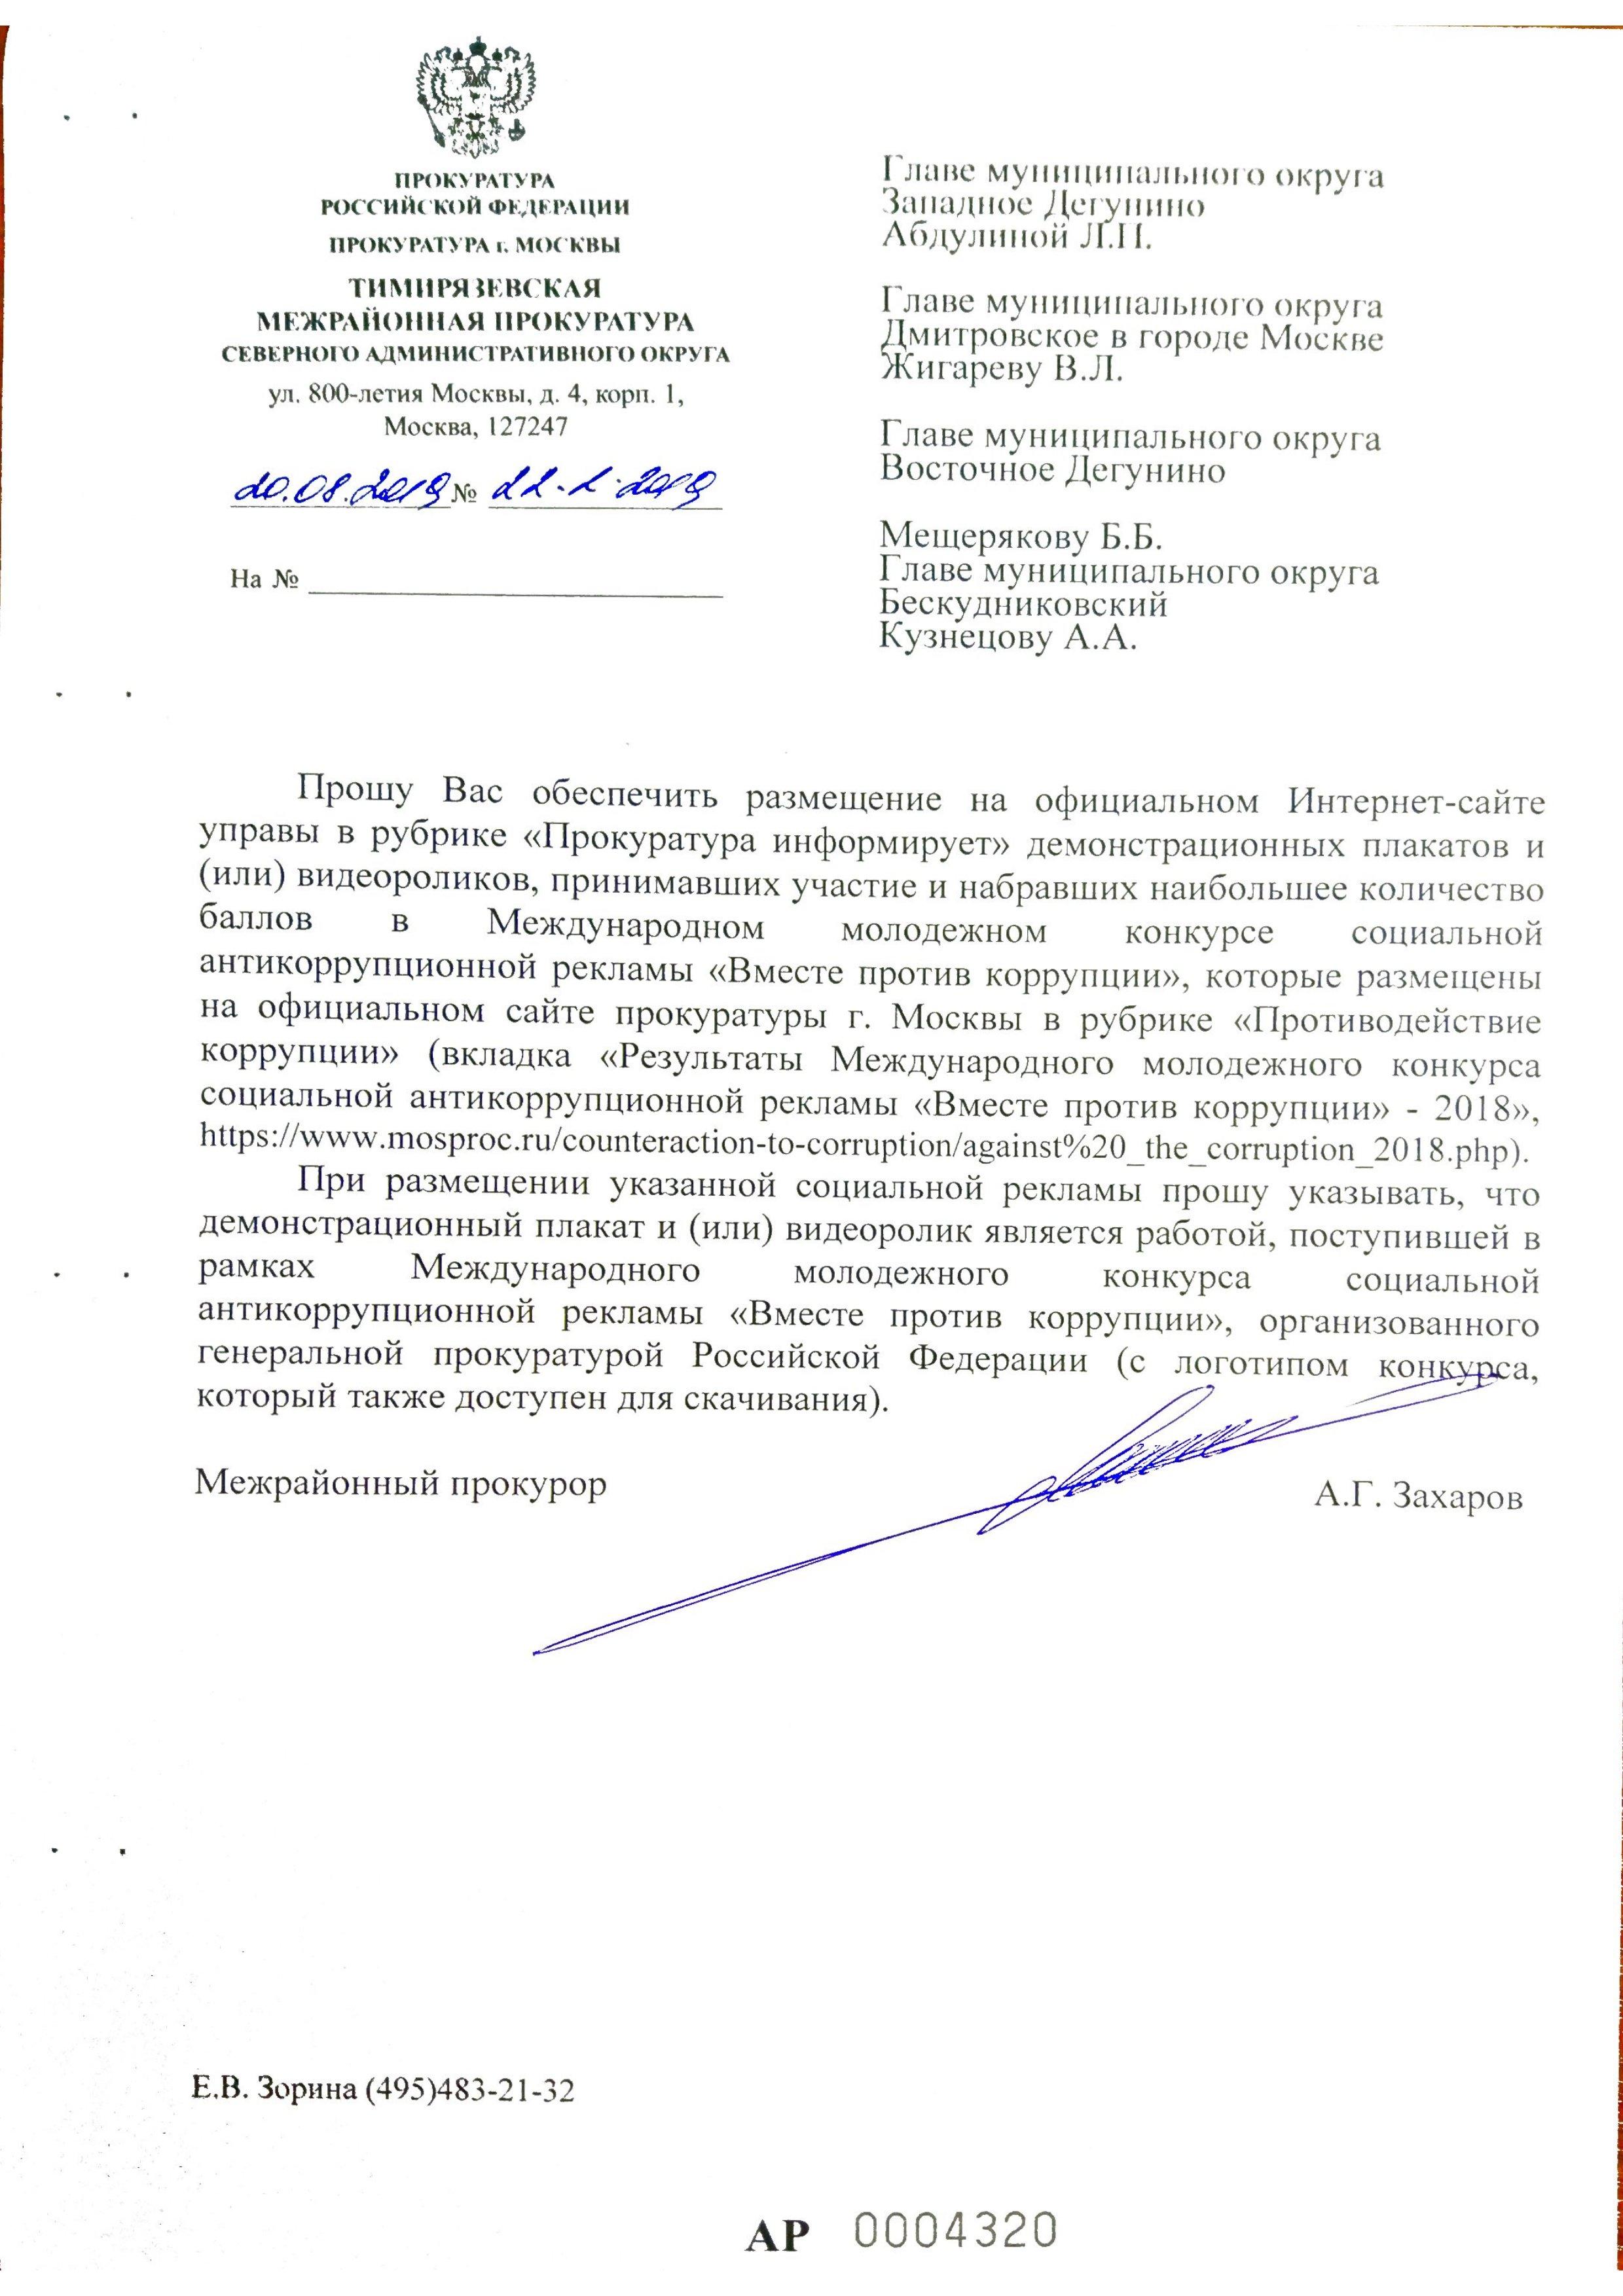 Водительская справка в сао Москва Бескудниковский